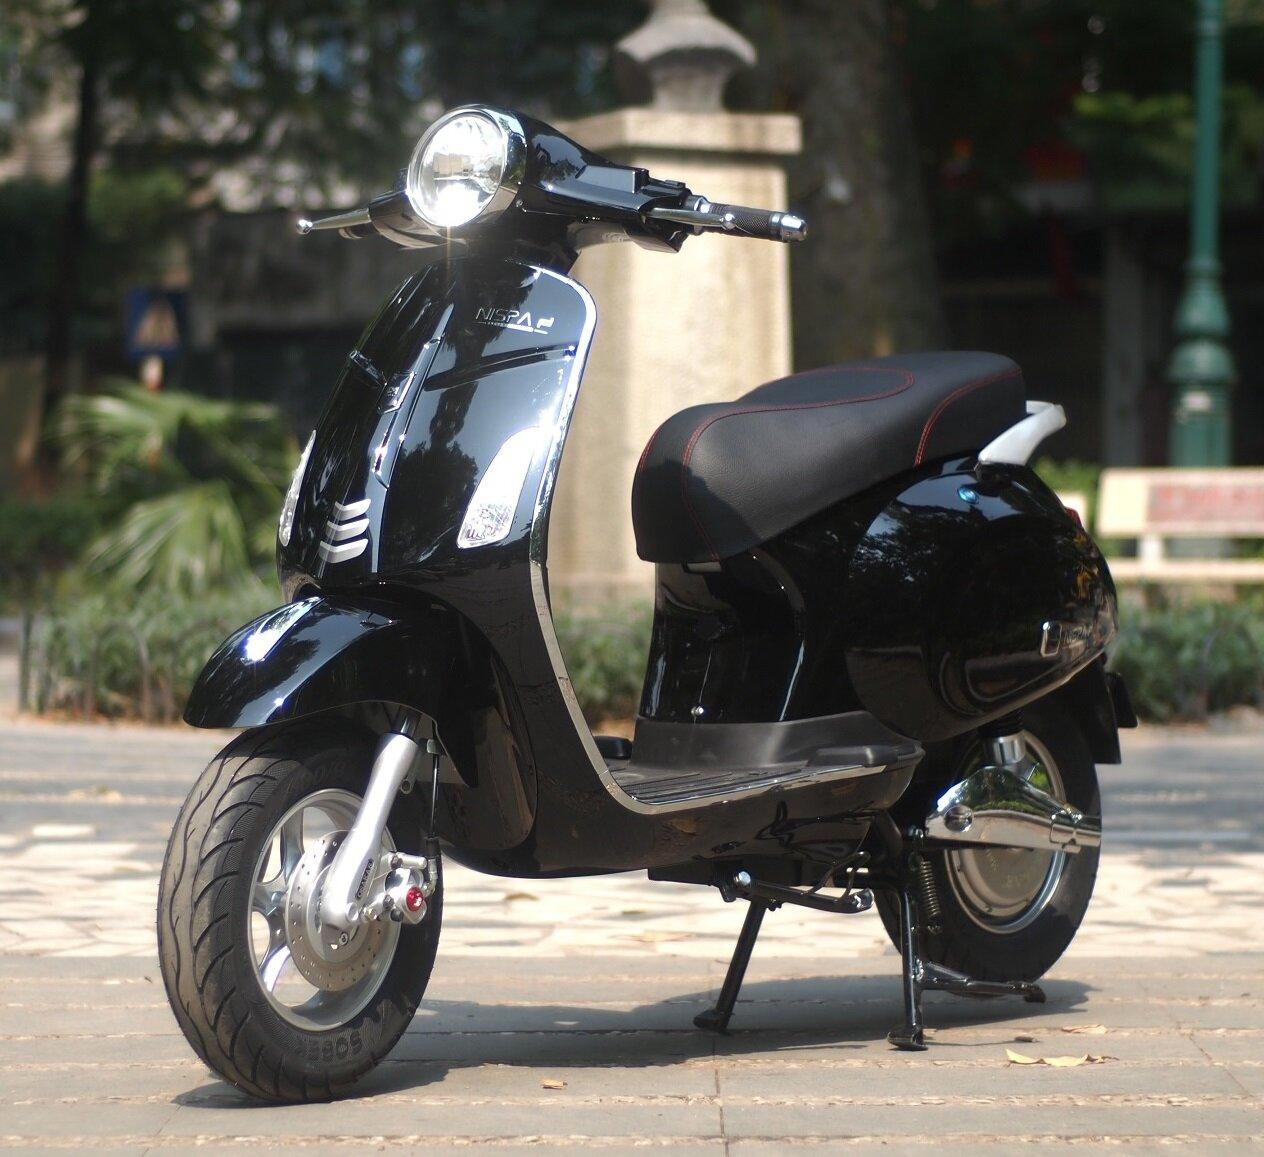 One Nispa sở hữu thiết kế sang trọng thanh lịch như các dòng xe máy cao cấp